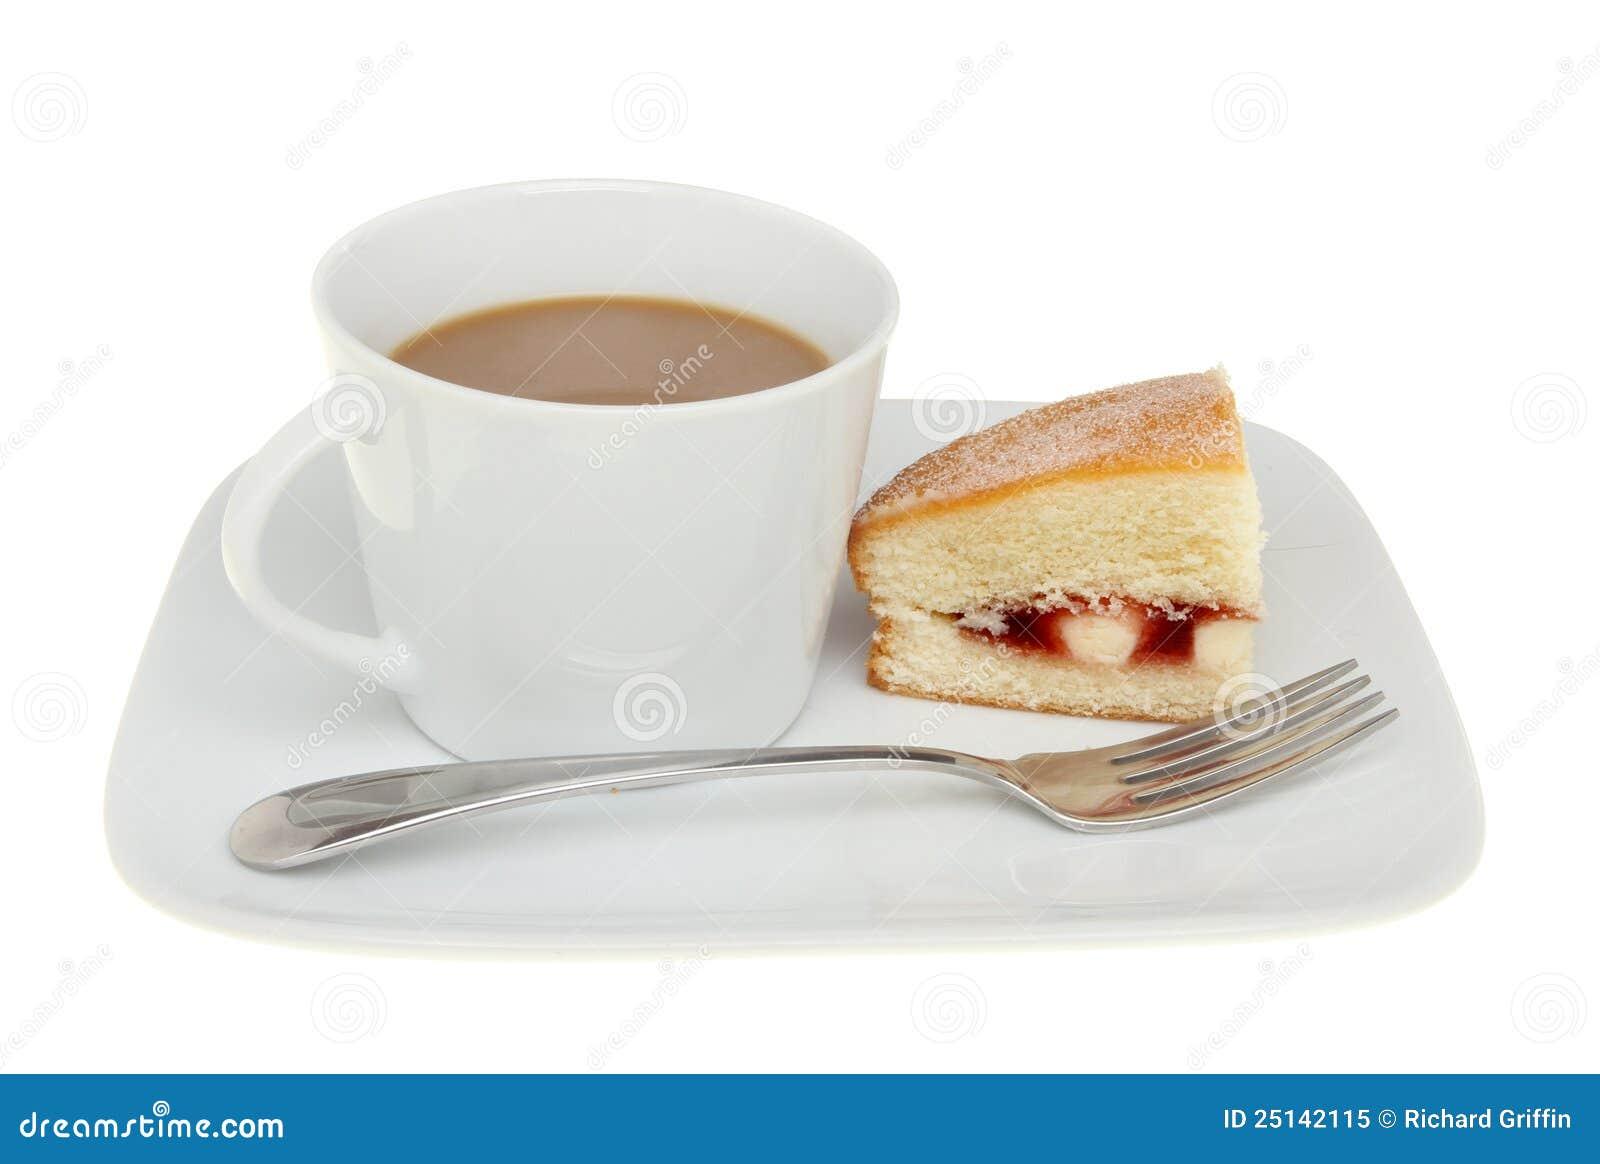 kaffee und kuchen stockbild bild von himbeere gabel 25142115. Black Bedroom Furniture Sets. Home Design Ideas